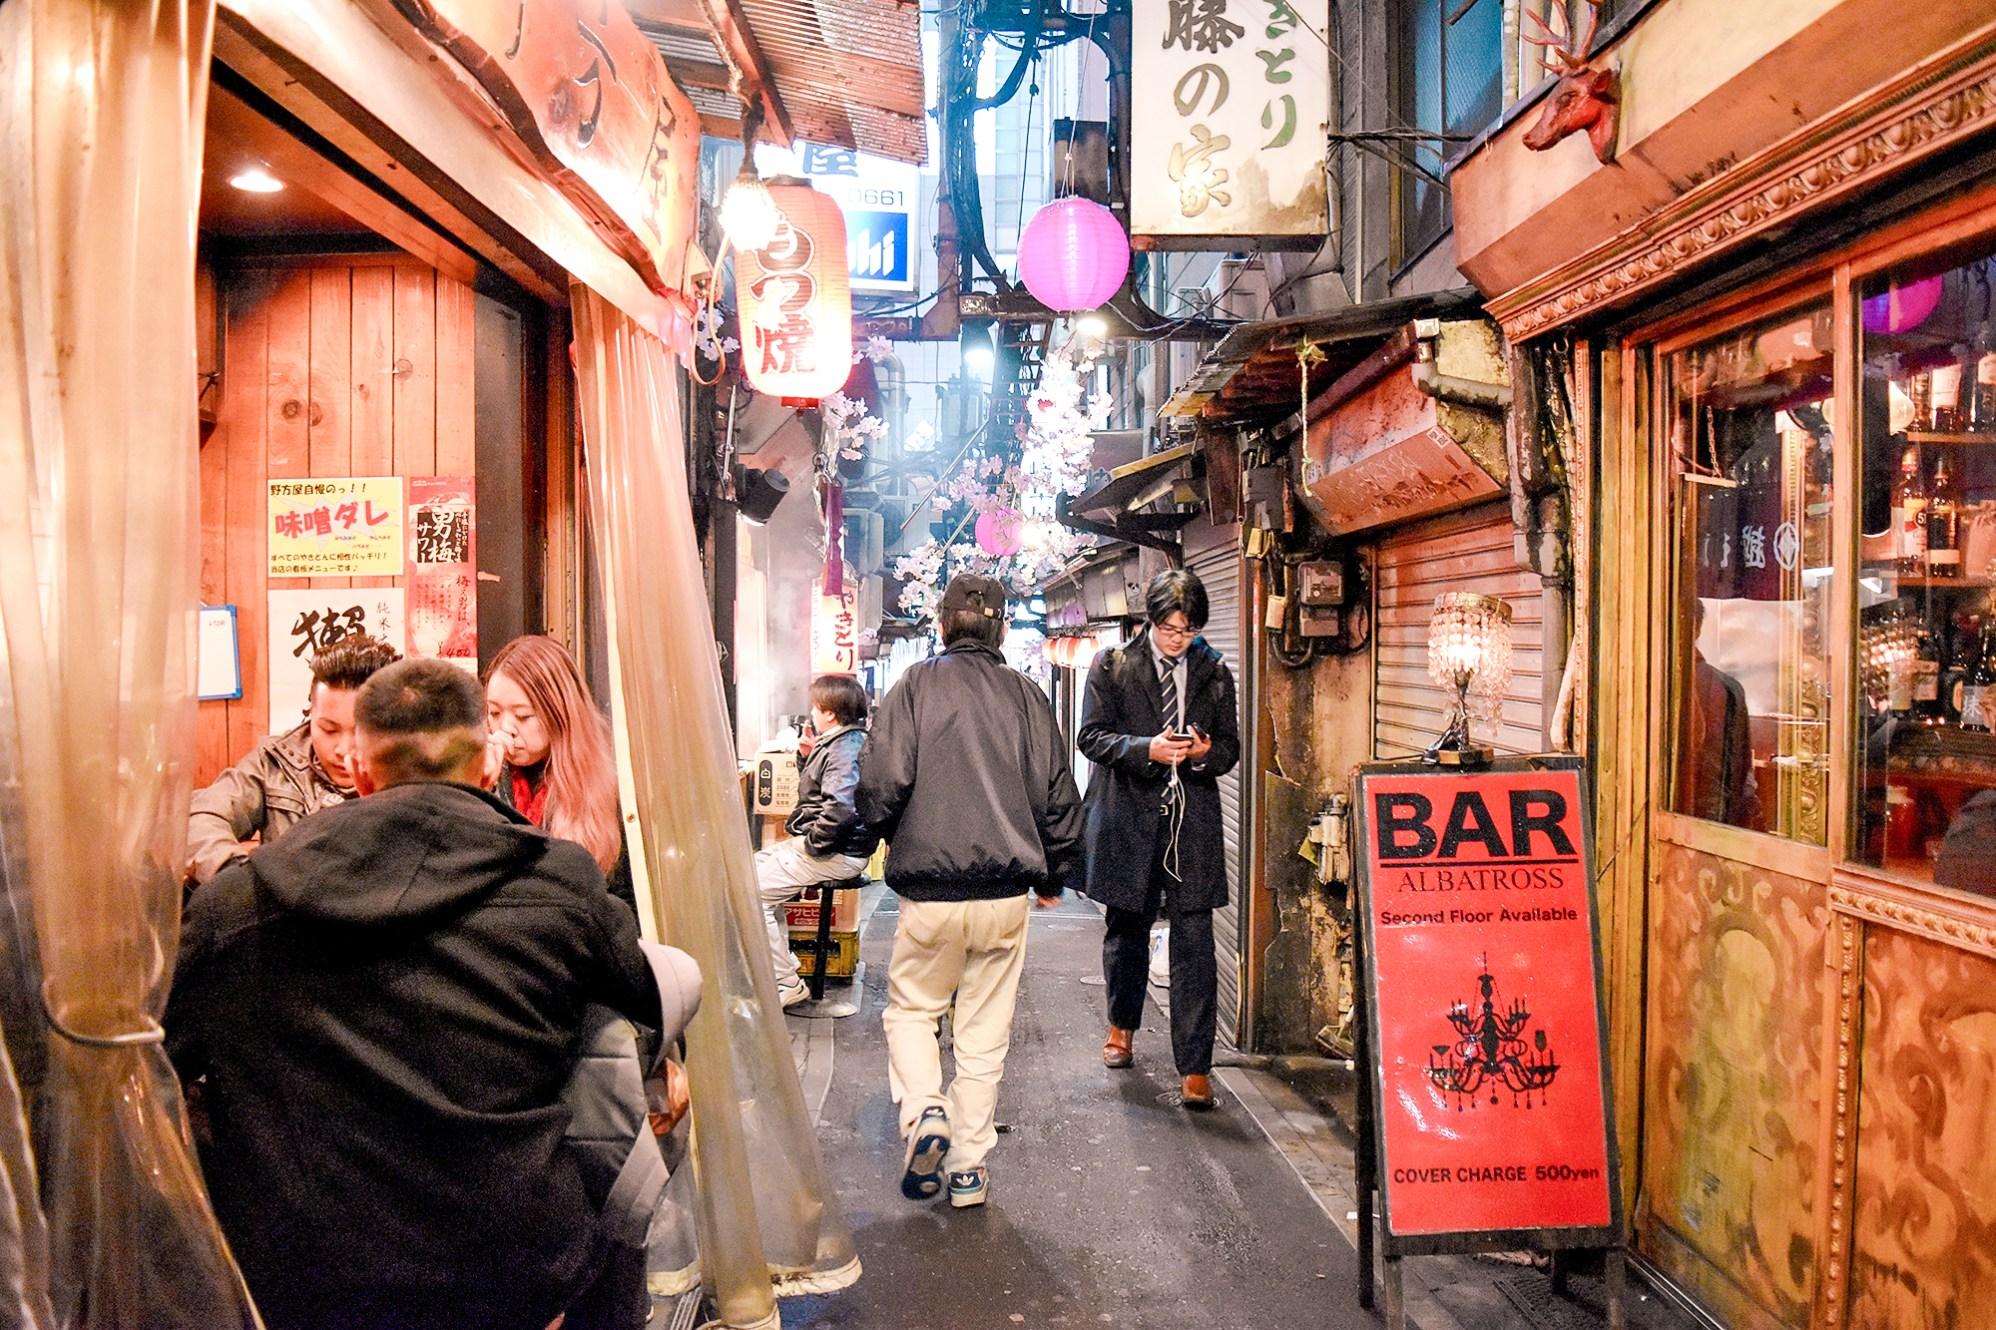 Shinjuku's Golden Gai